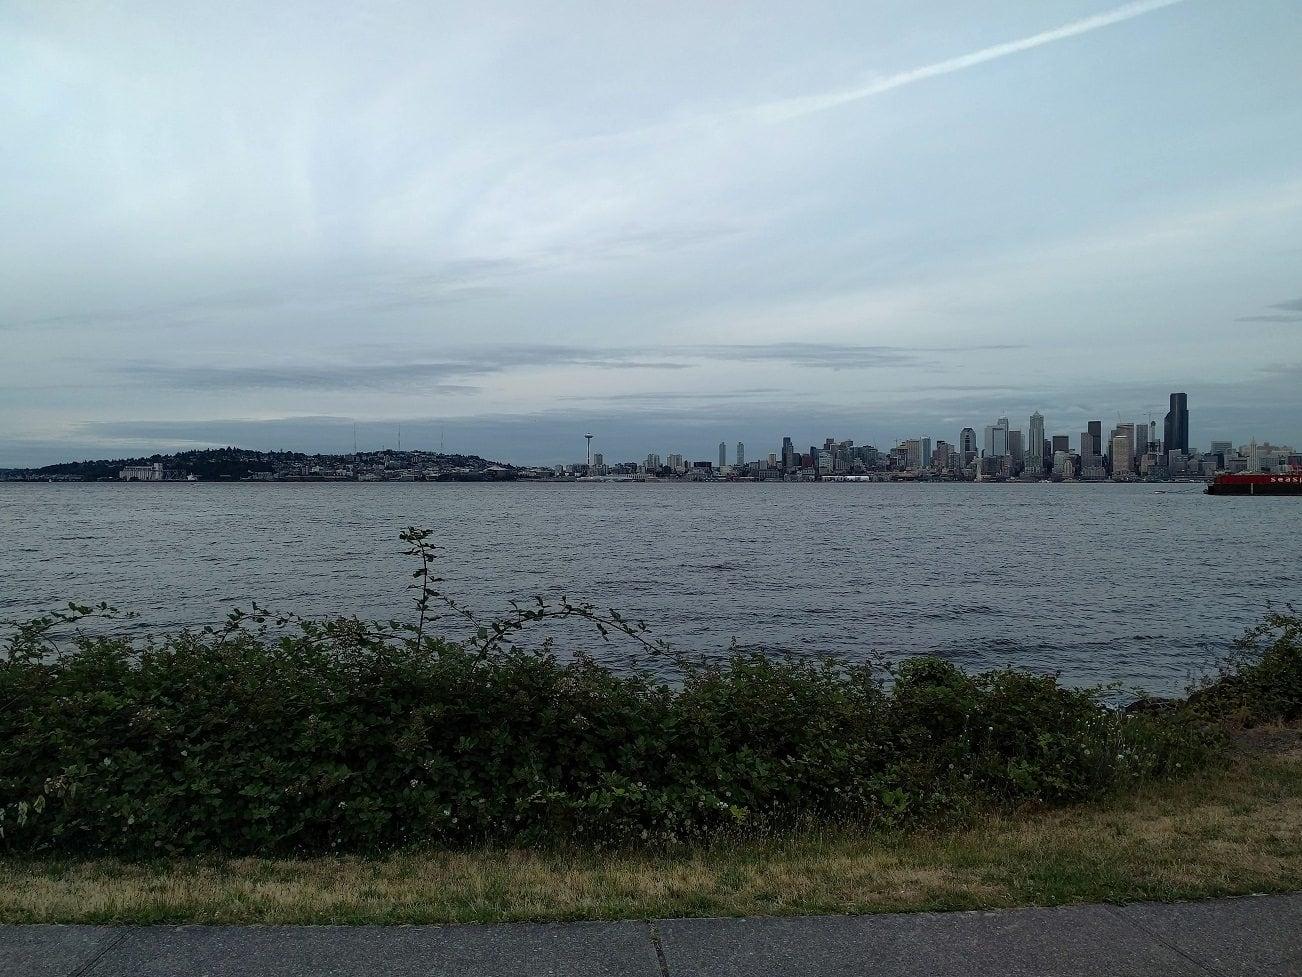 GORUCK Tough 1999 - Seattle View